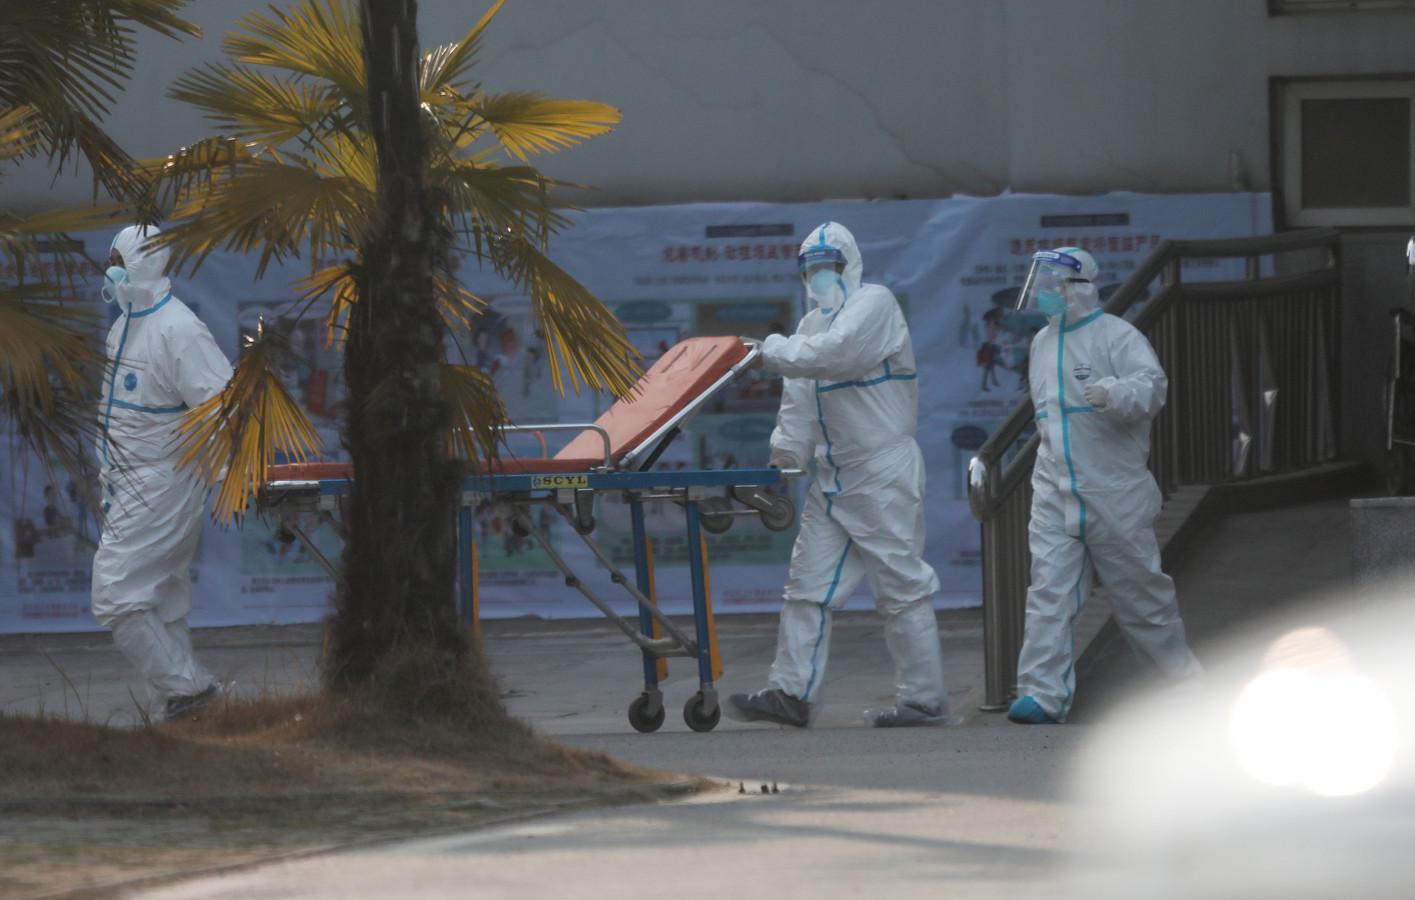 Medisch personeel staat klaar om besmette patiënten op te vangen.